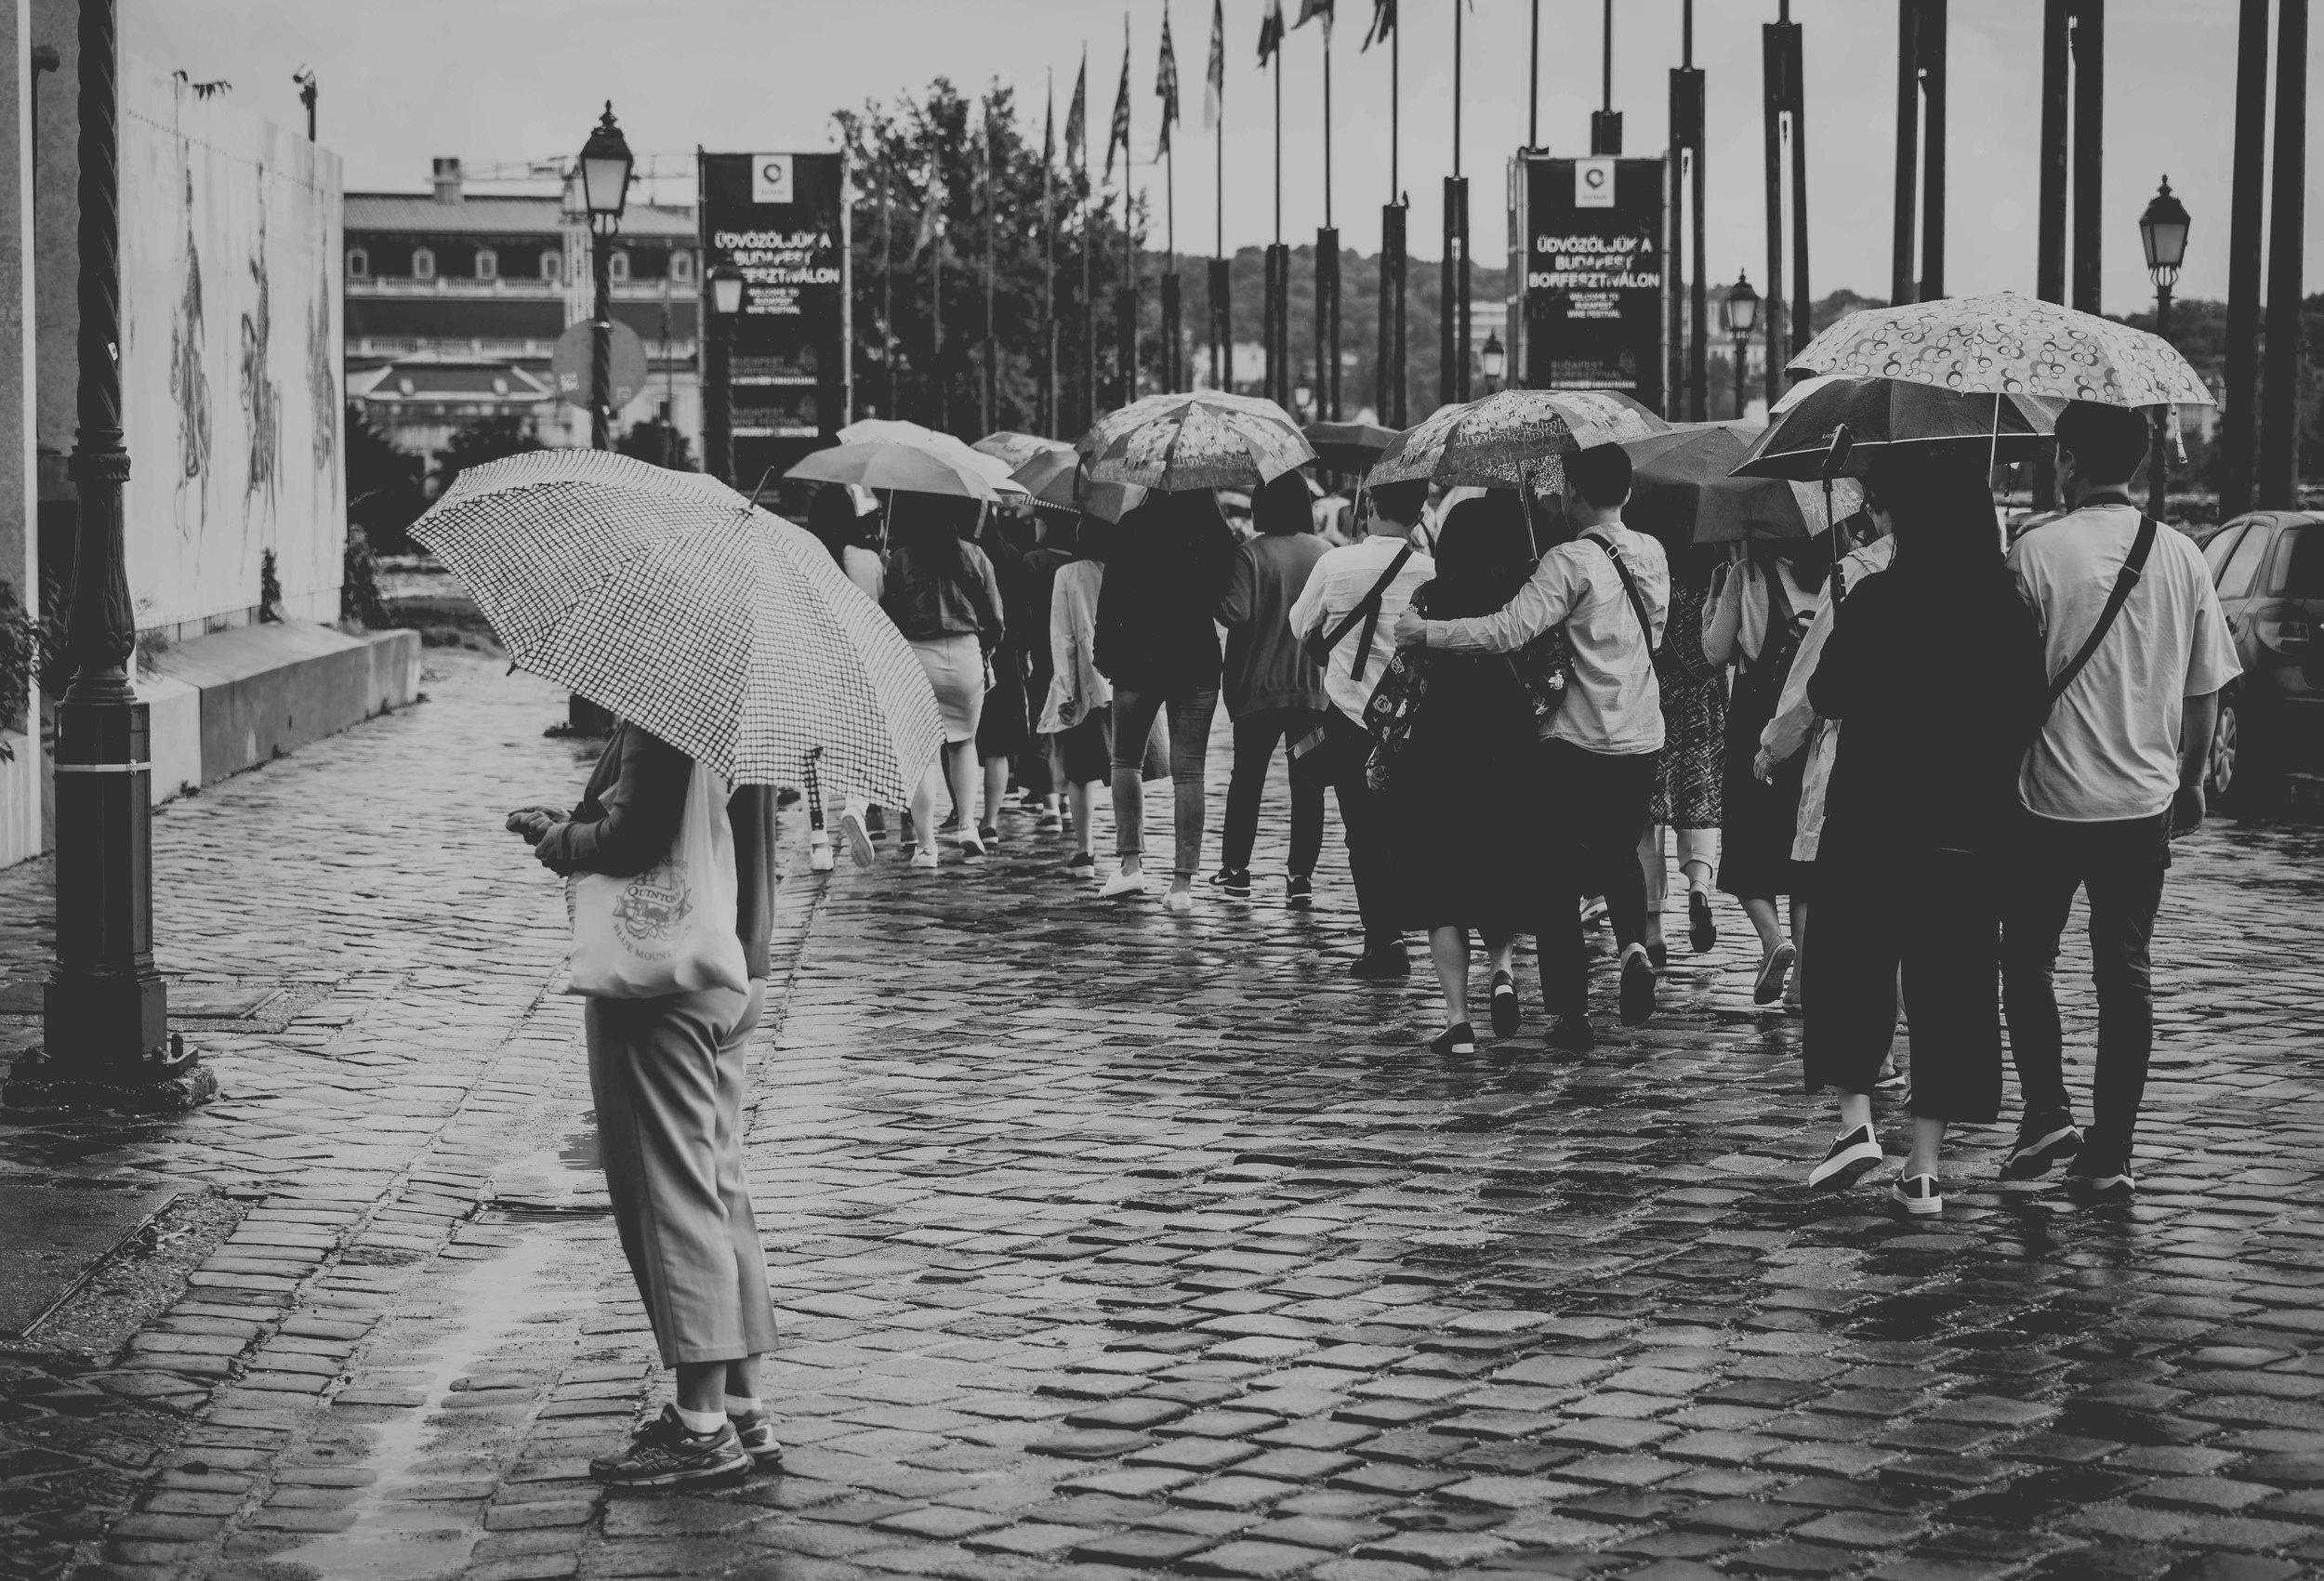 Umbrellas1small.jpg